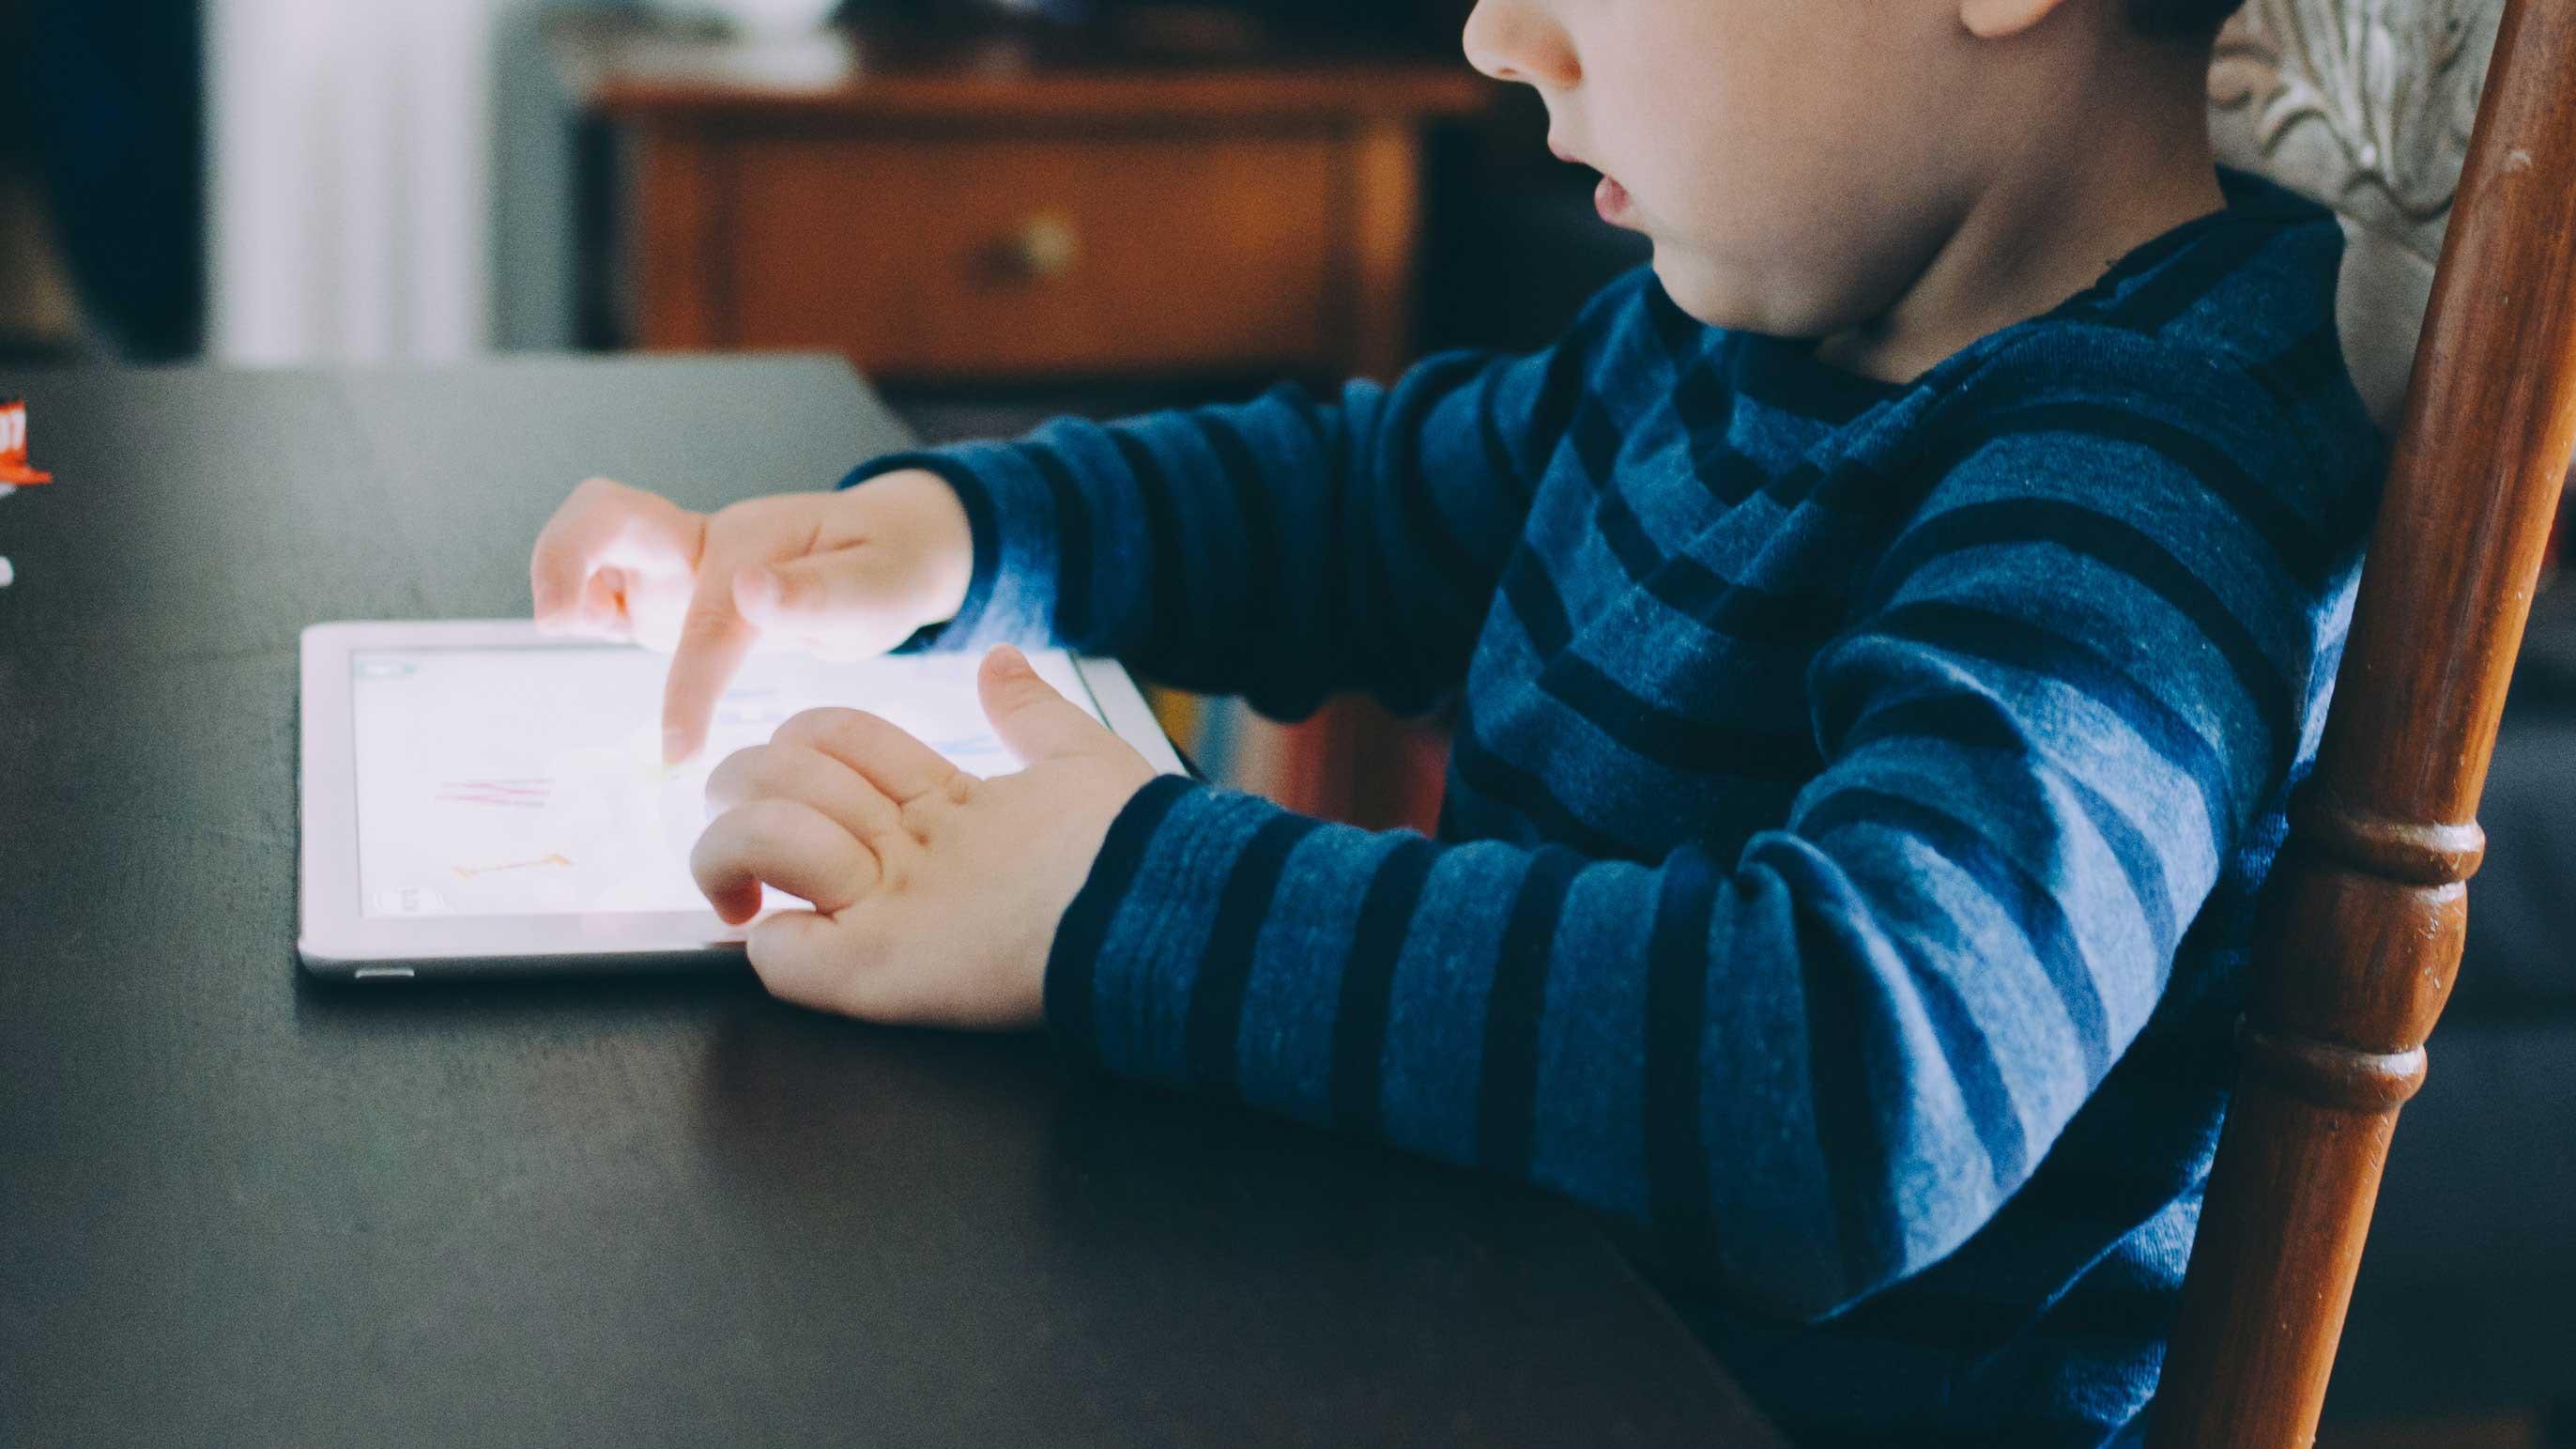 Menino sentado à mesa mexendo em seu tablet